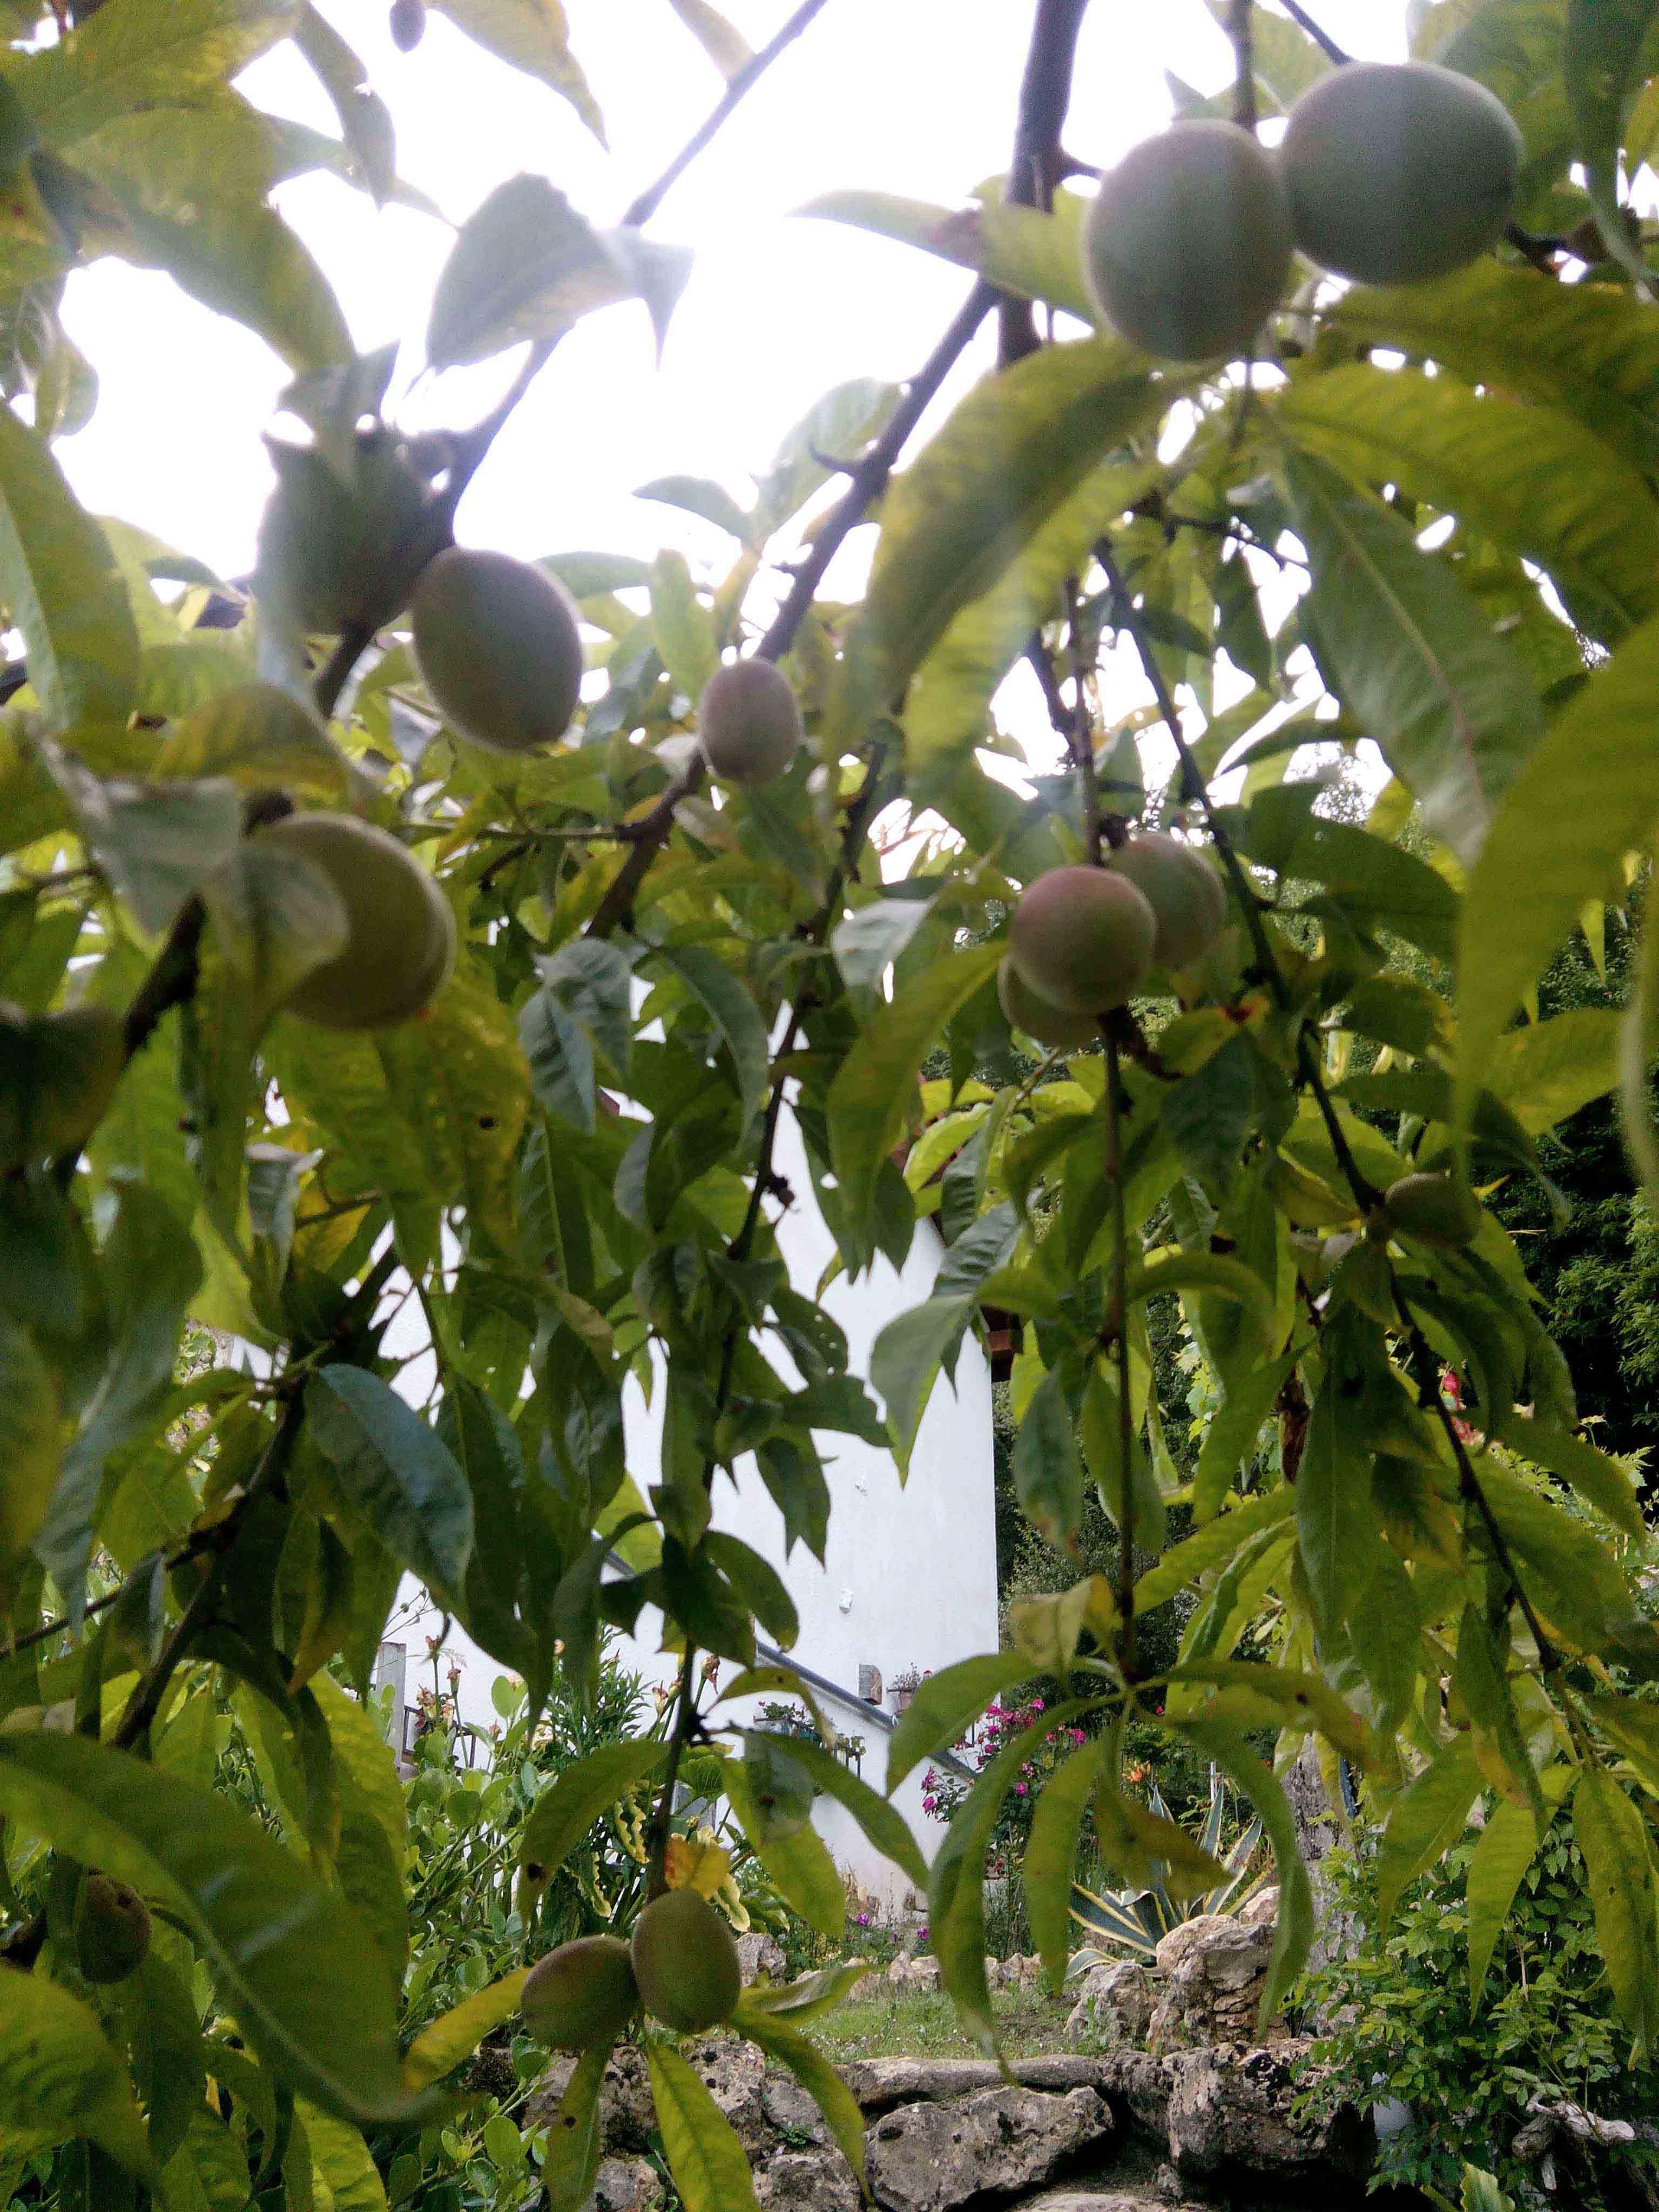 Arboles y arbustos jard n de for Arboles y arbustos de jardin